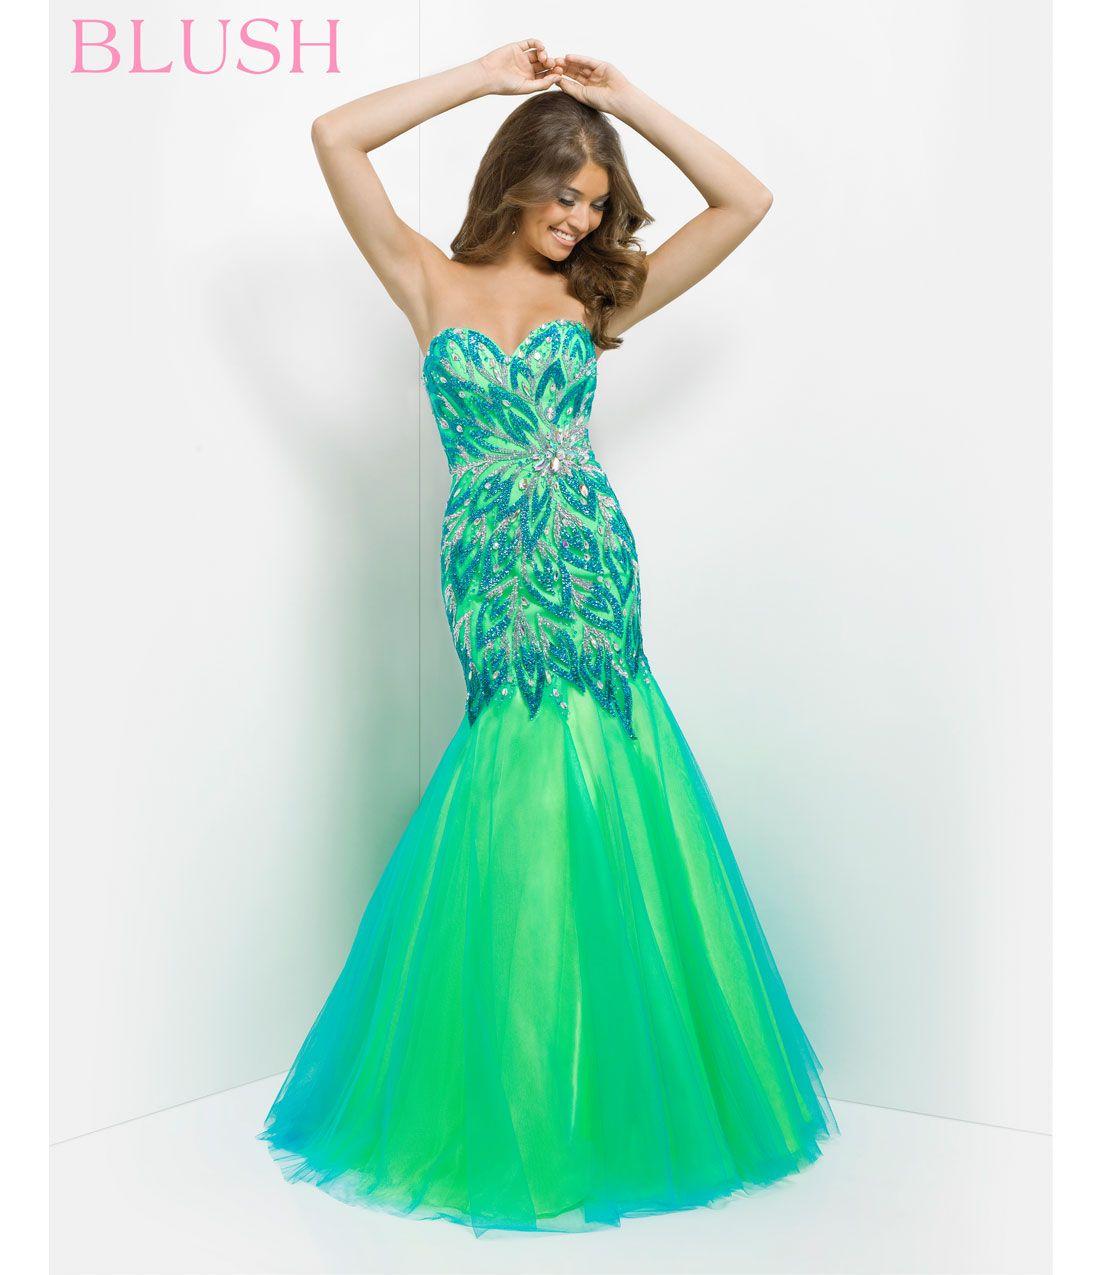 Yli tuhat ideaa: Dresses Pinterestissä | Homecoming,Lyhyet ...